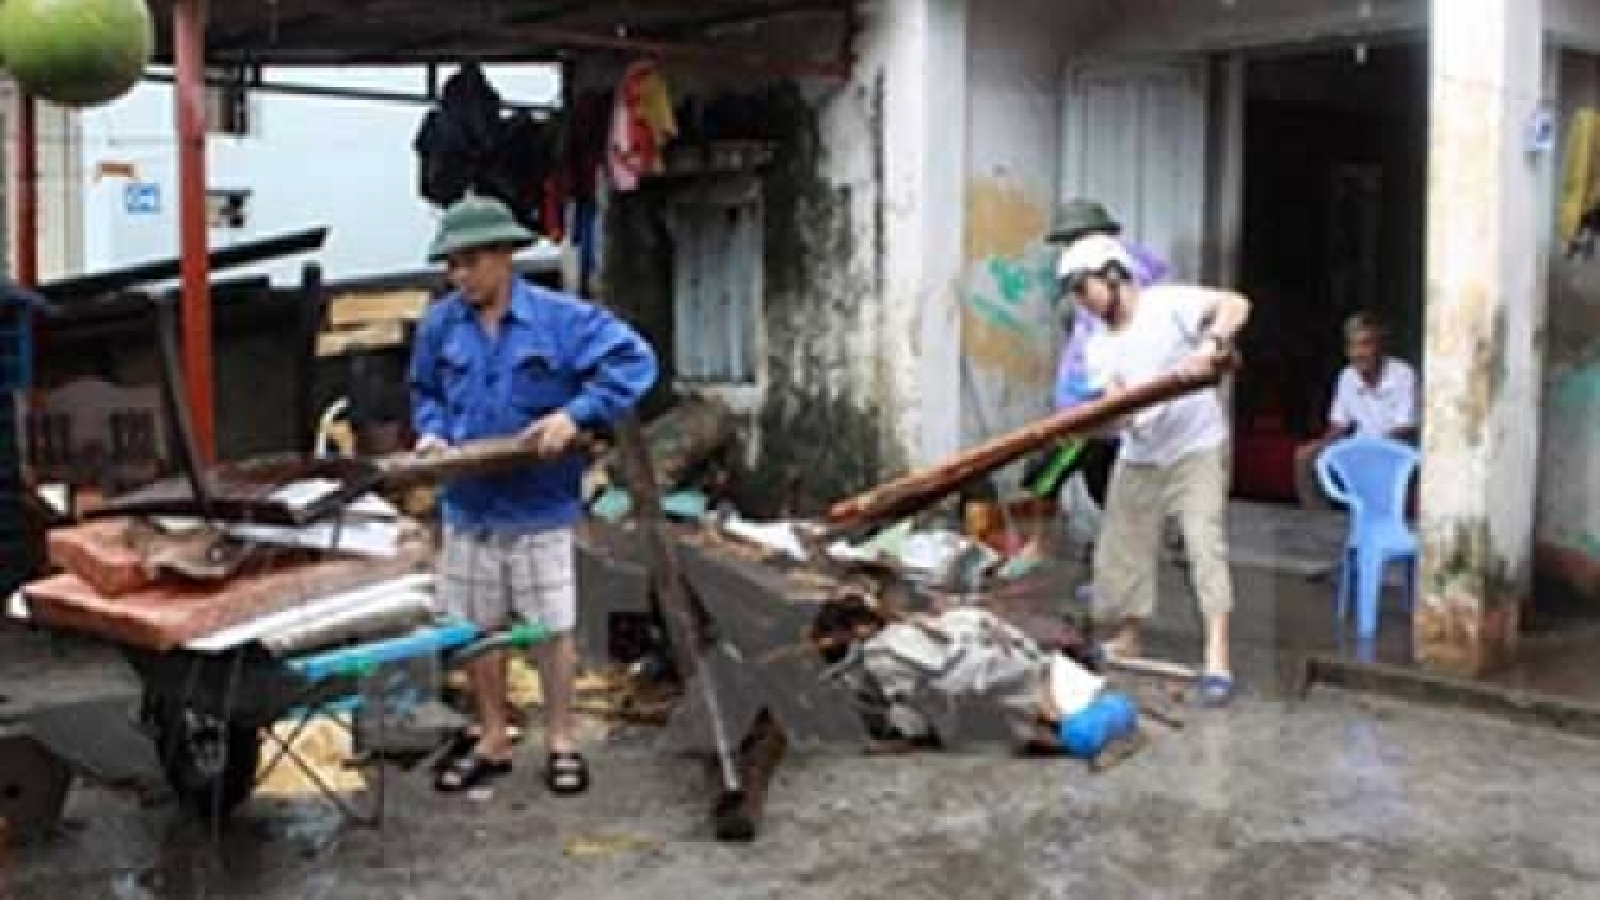 Vietnam Red Cross hailed for patriotic nursing